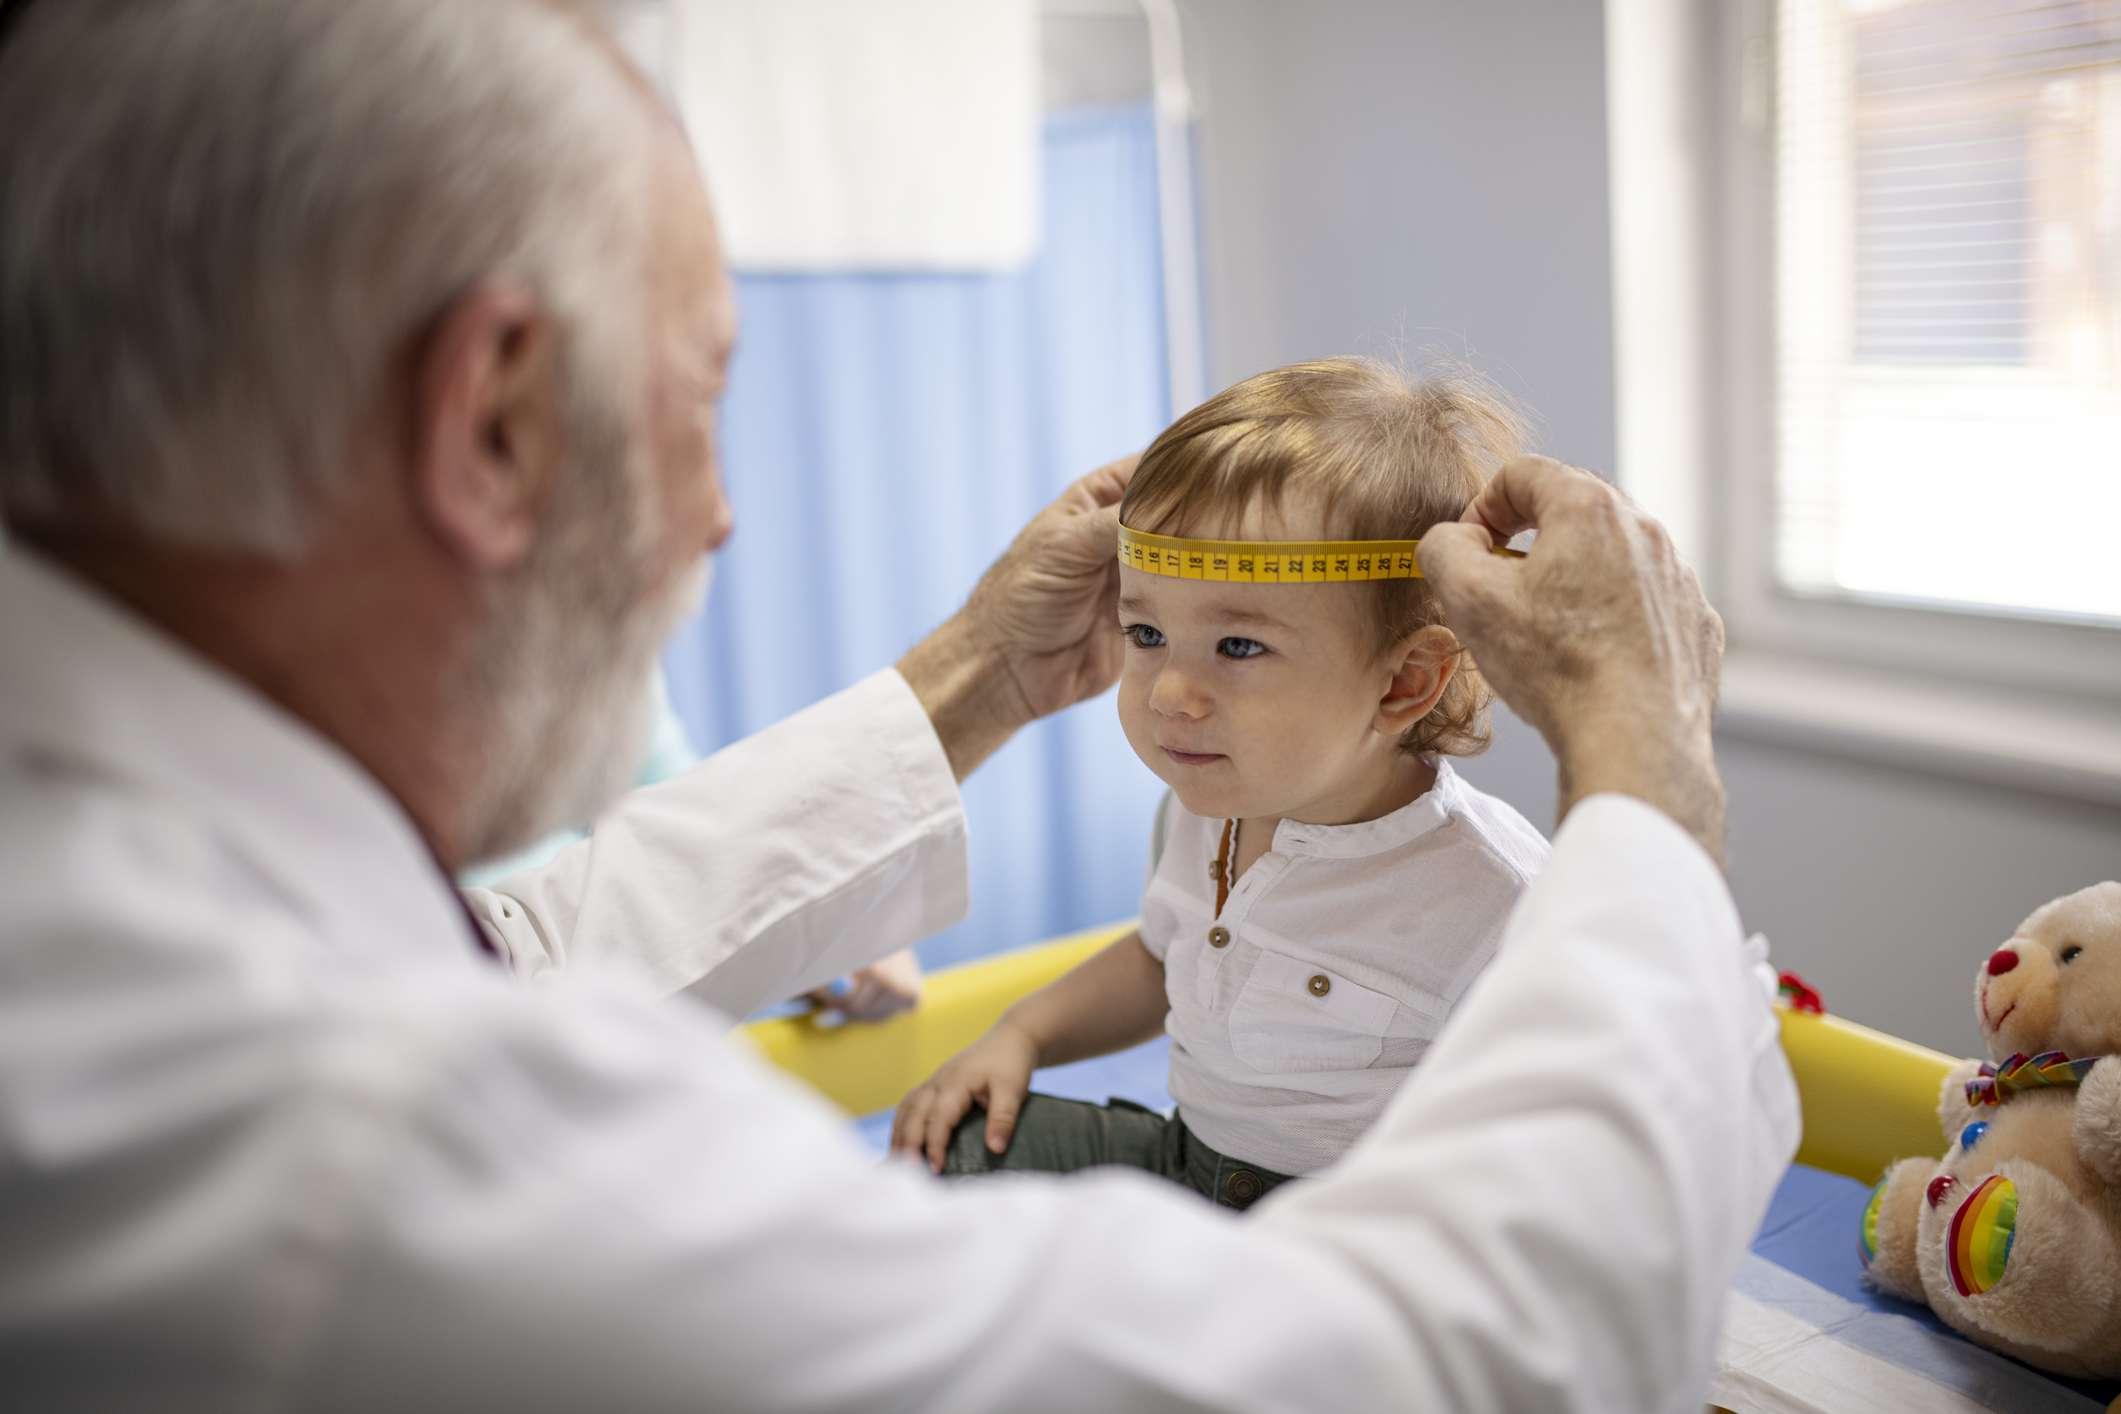 Measuring a Baby's Head